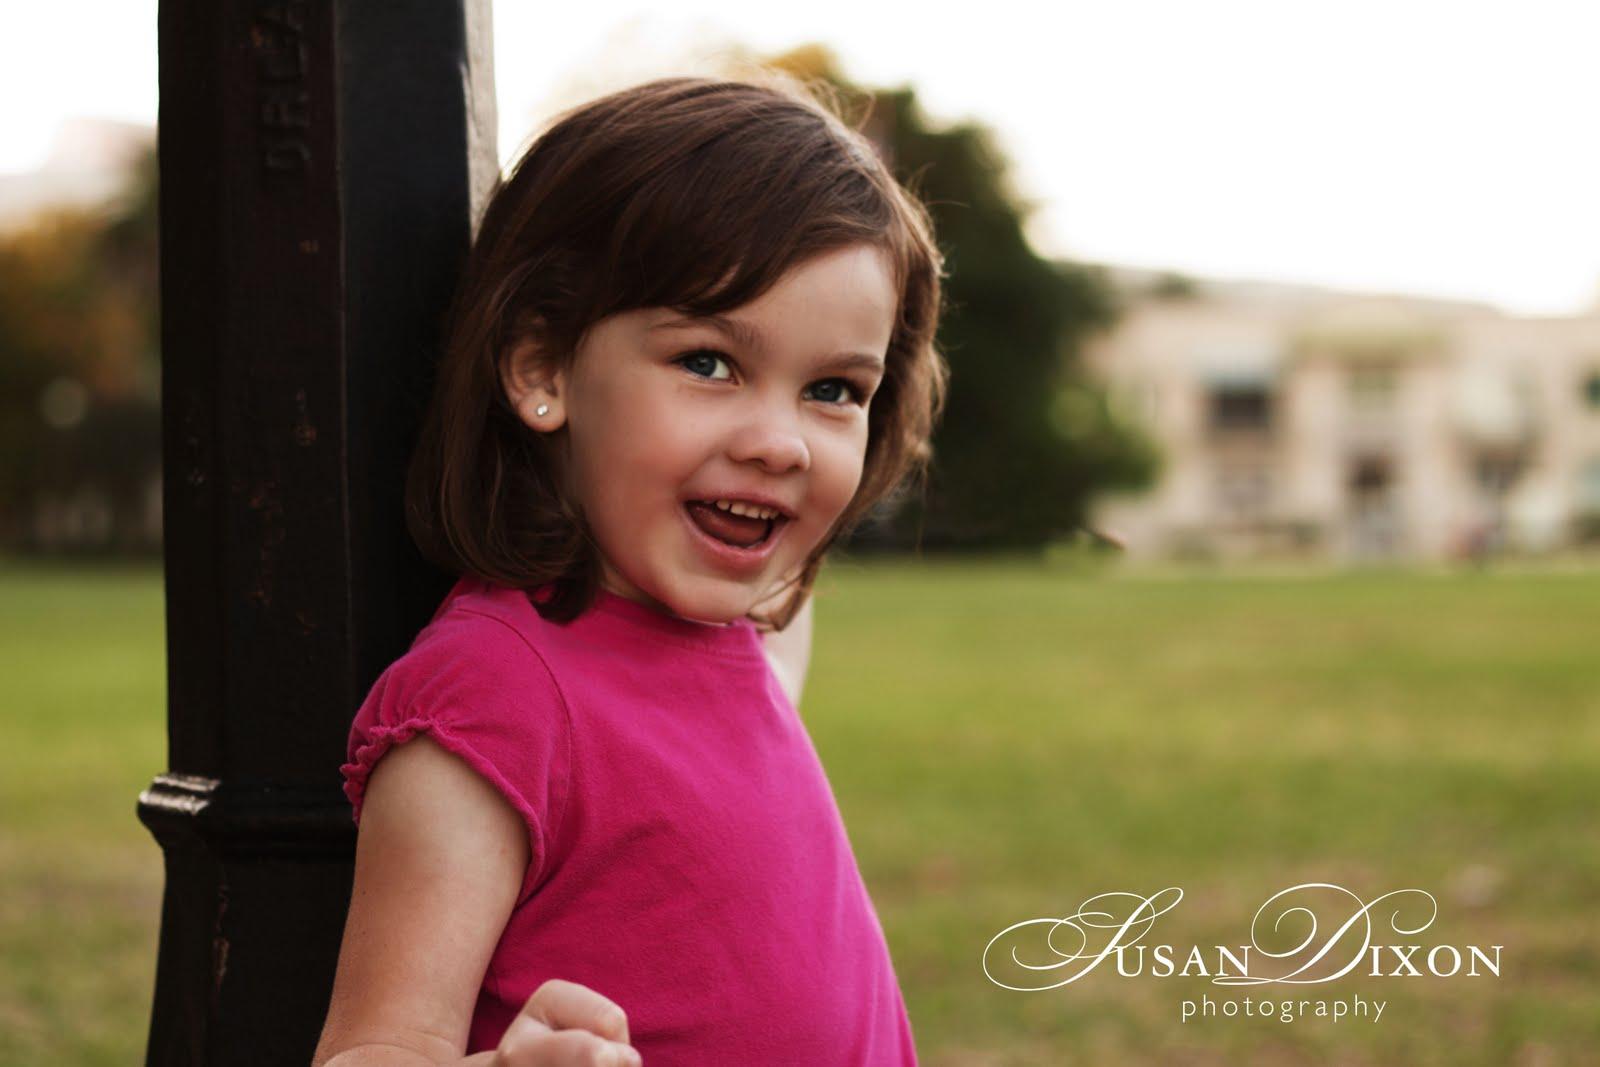 http://3.bp.blogspot.com/-3oVrGrQWPVY/Tb3ZQ3GQ3zI/AAAAAAAAAHg/Lz8veddCMy0/s1600/Gracie4.jpg